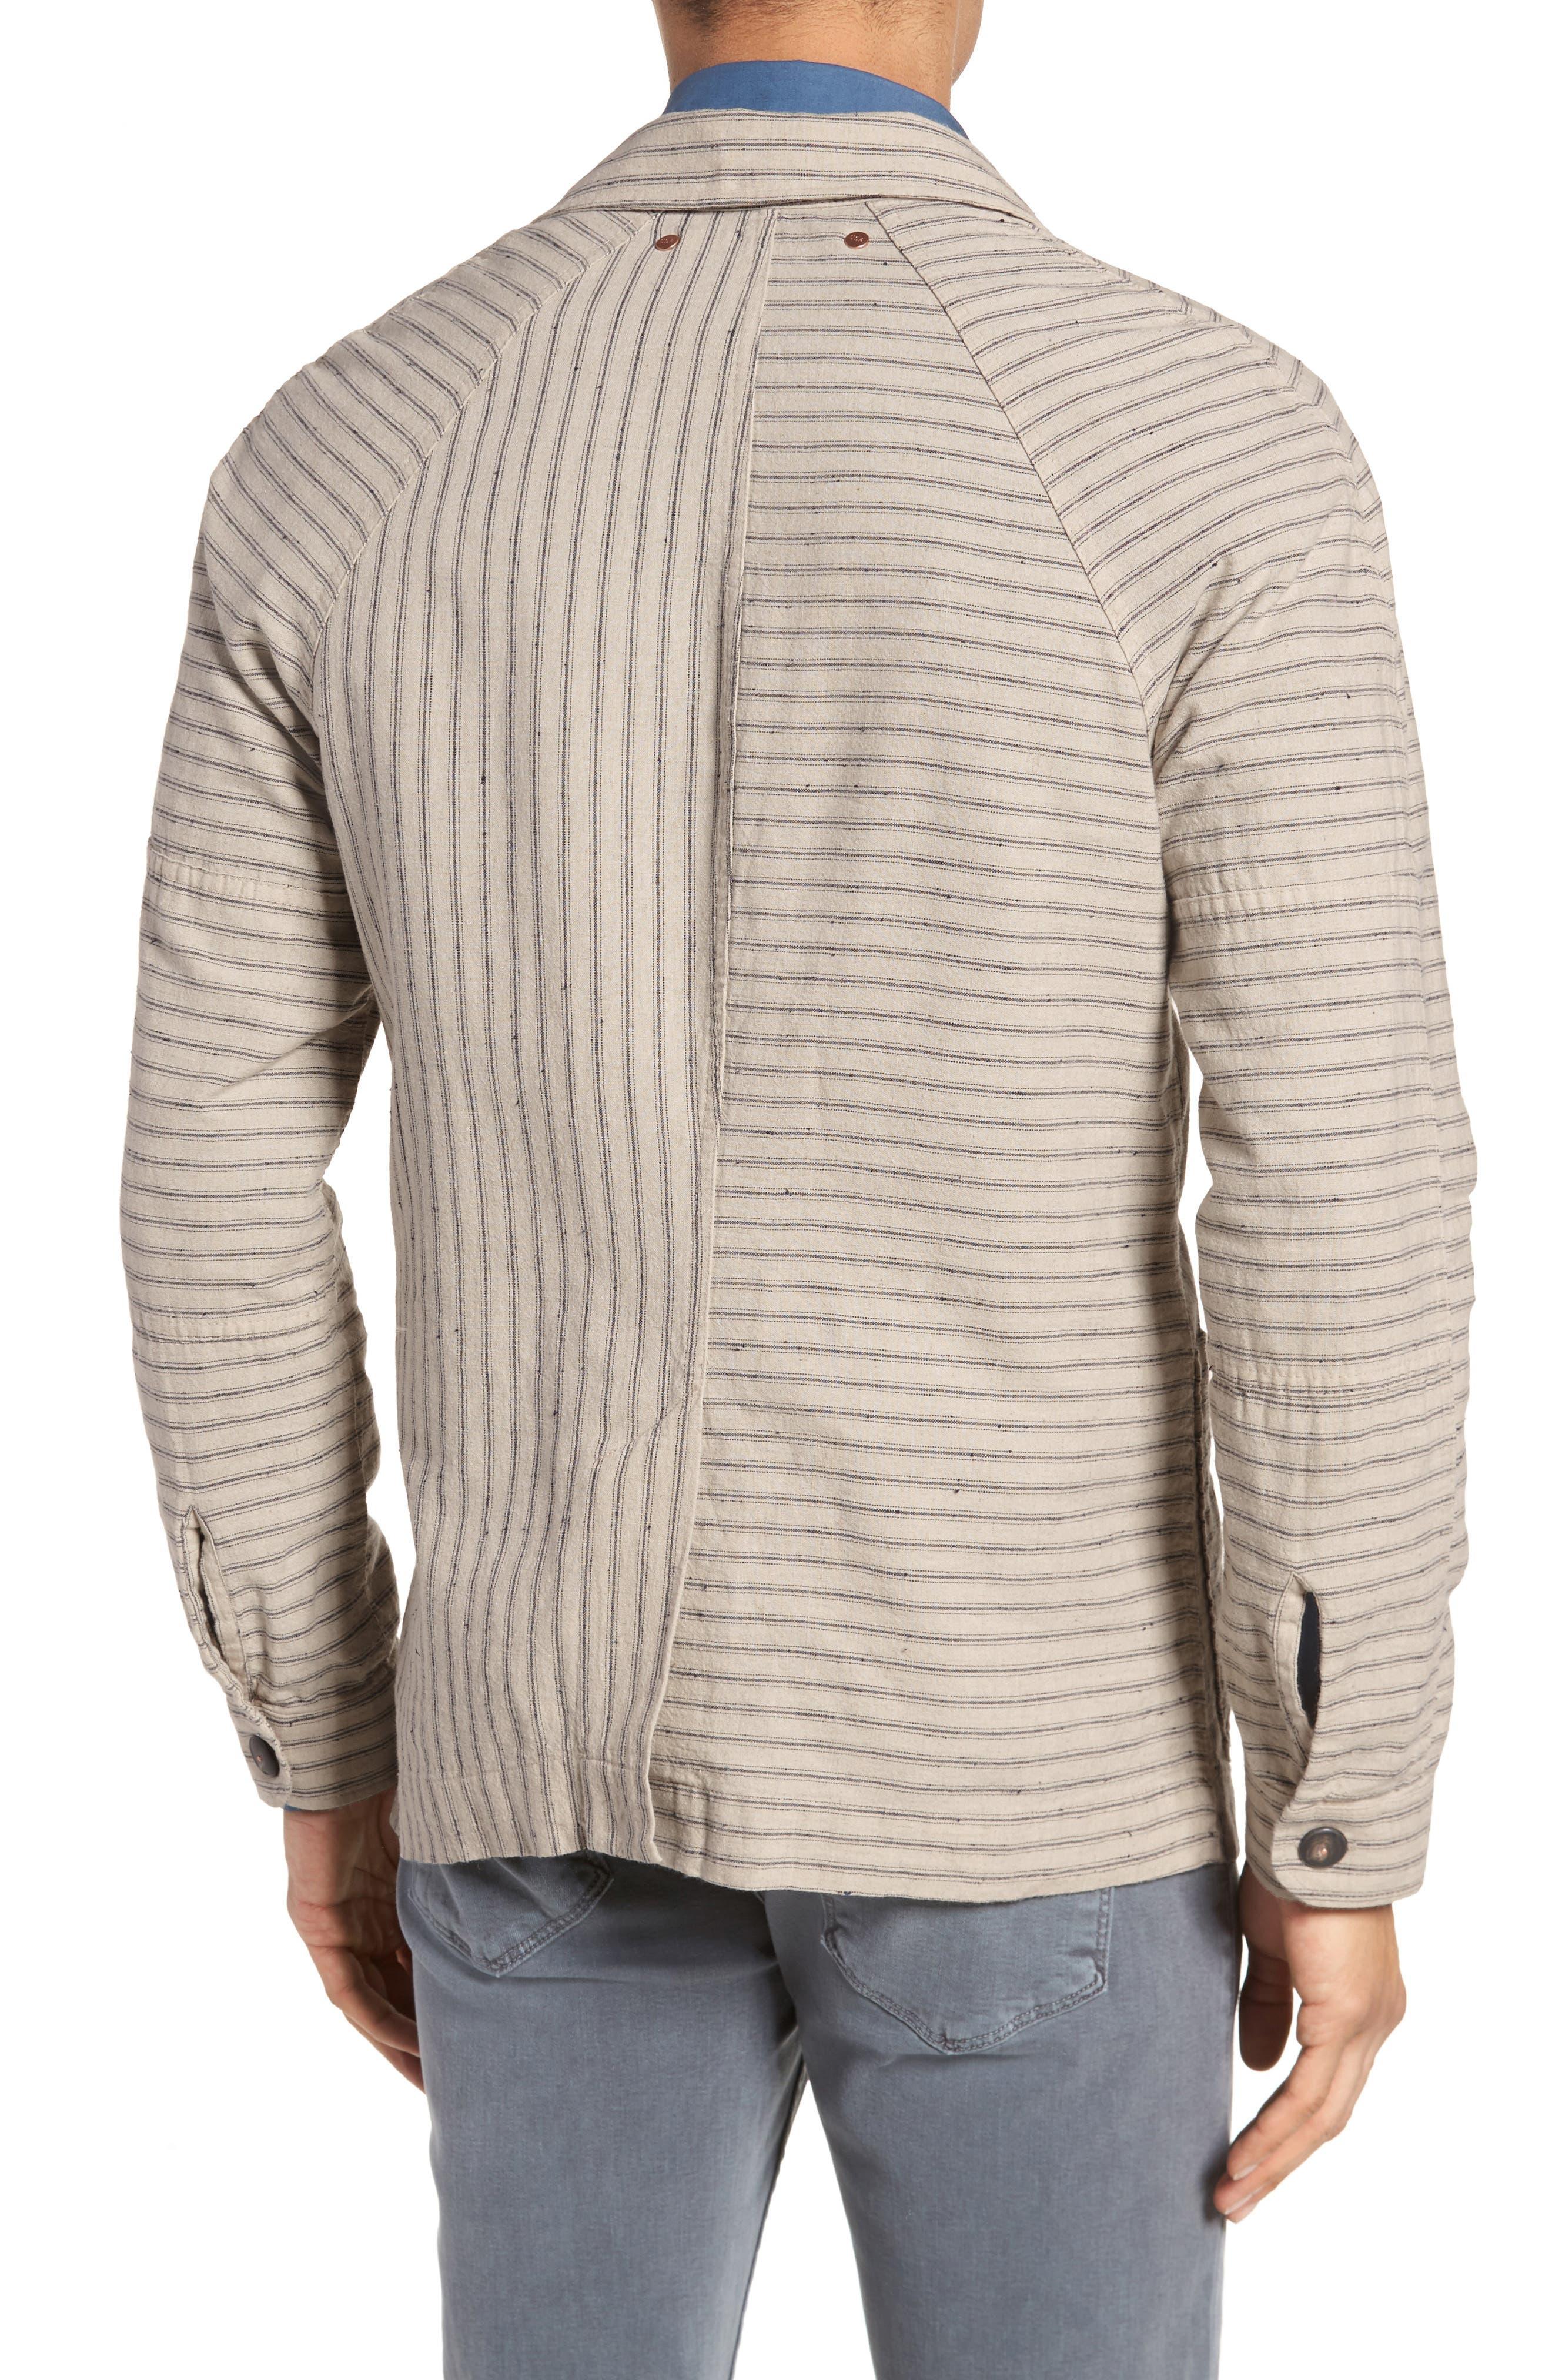 Harrison Linen & Cotton Jacket,                             Alternate thumbnail 2, color,                             274